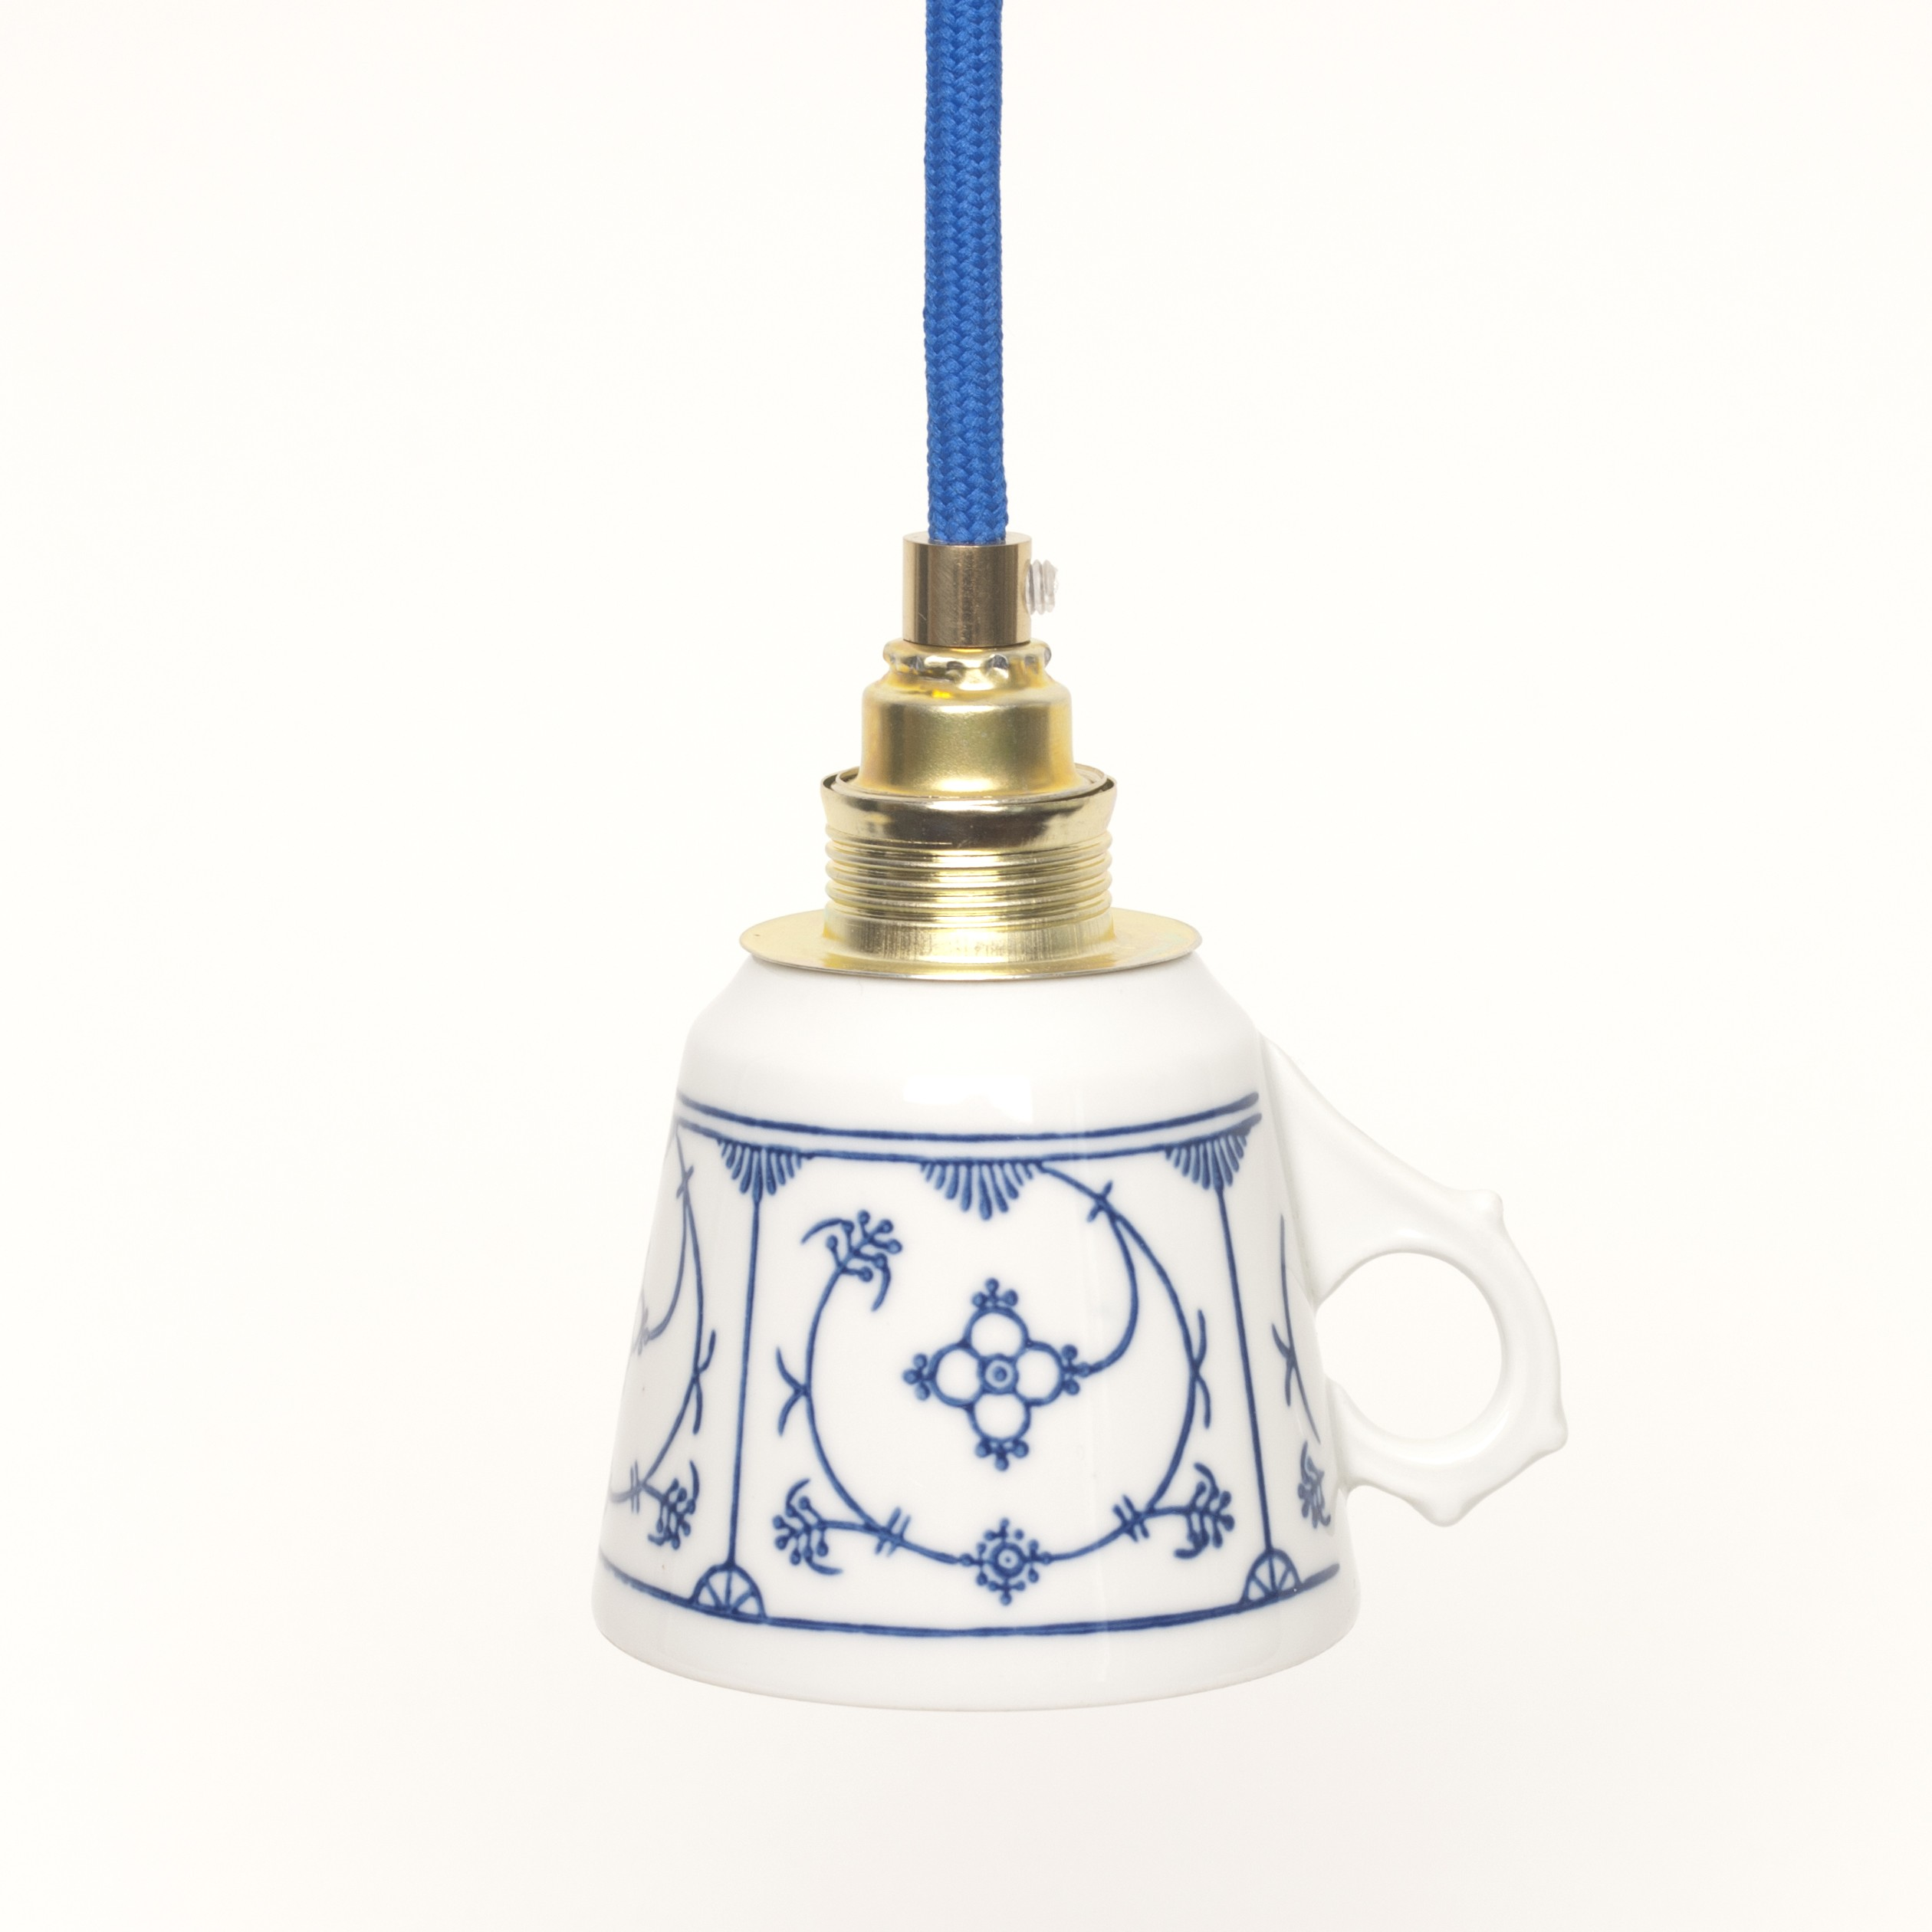 ... aus Vintage-Kaffeetasse mit indisch-blauem Dekor selekkt.com